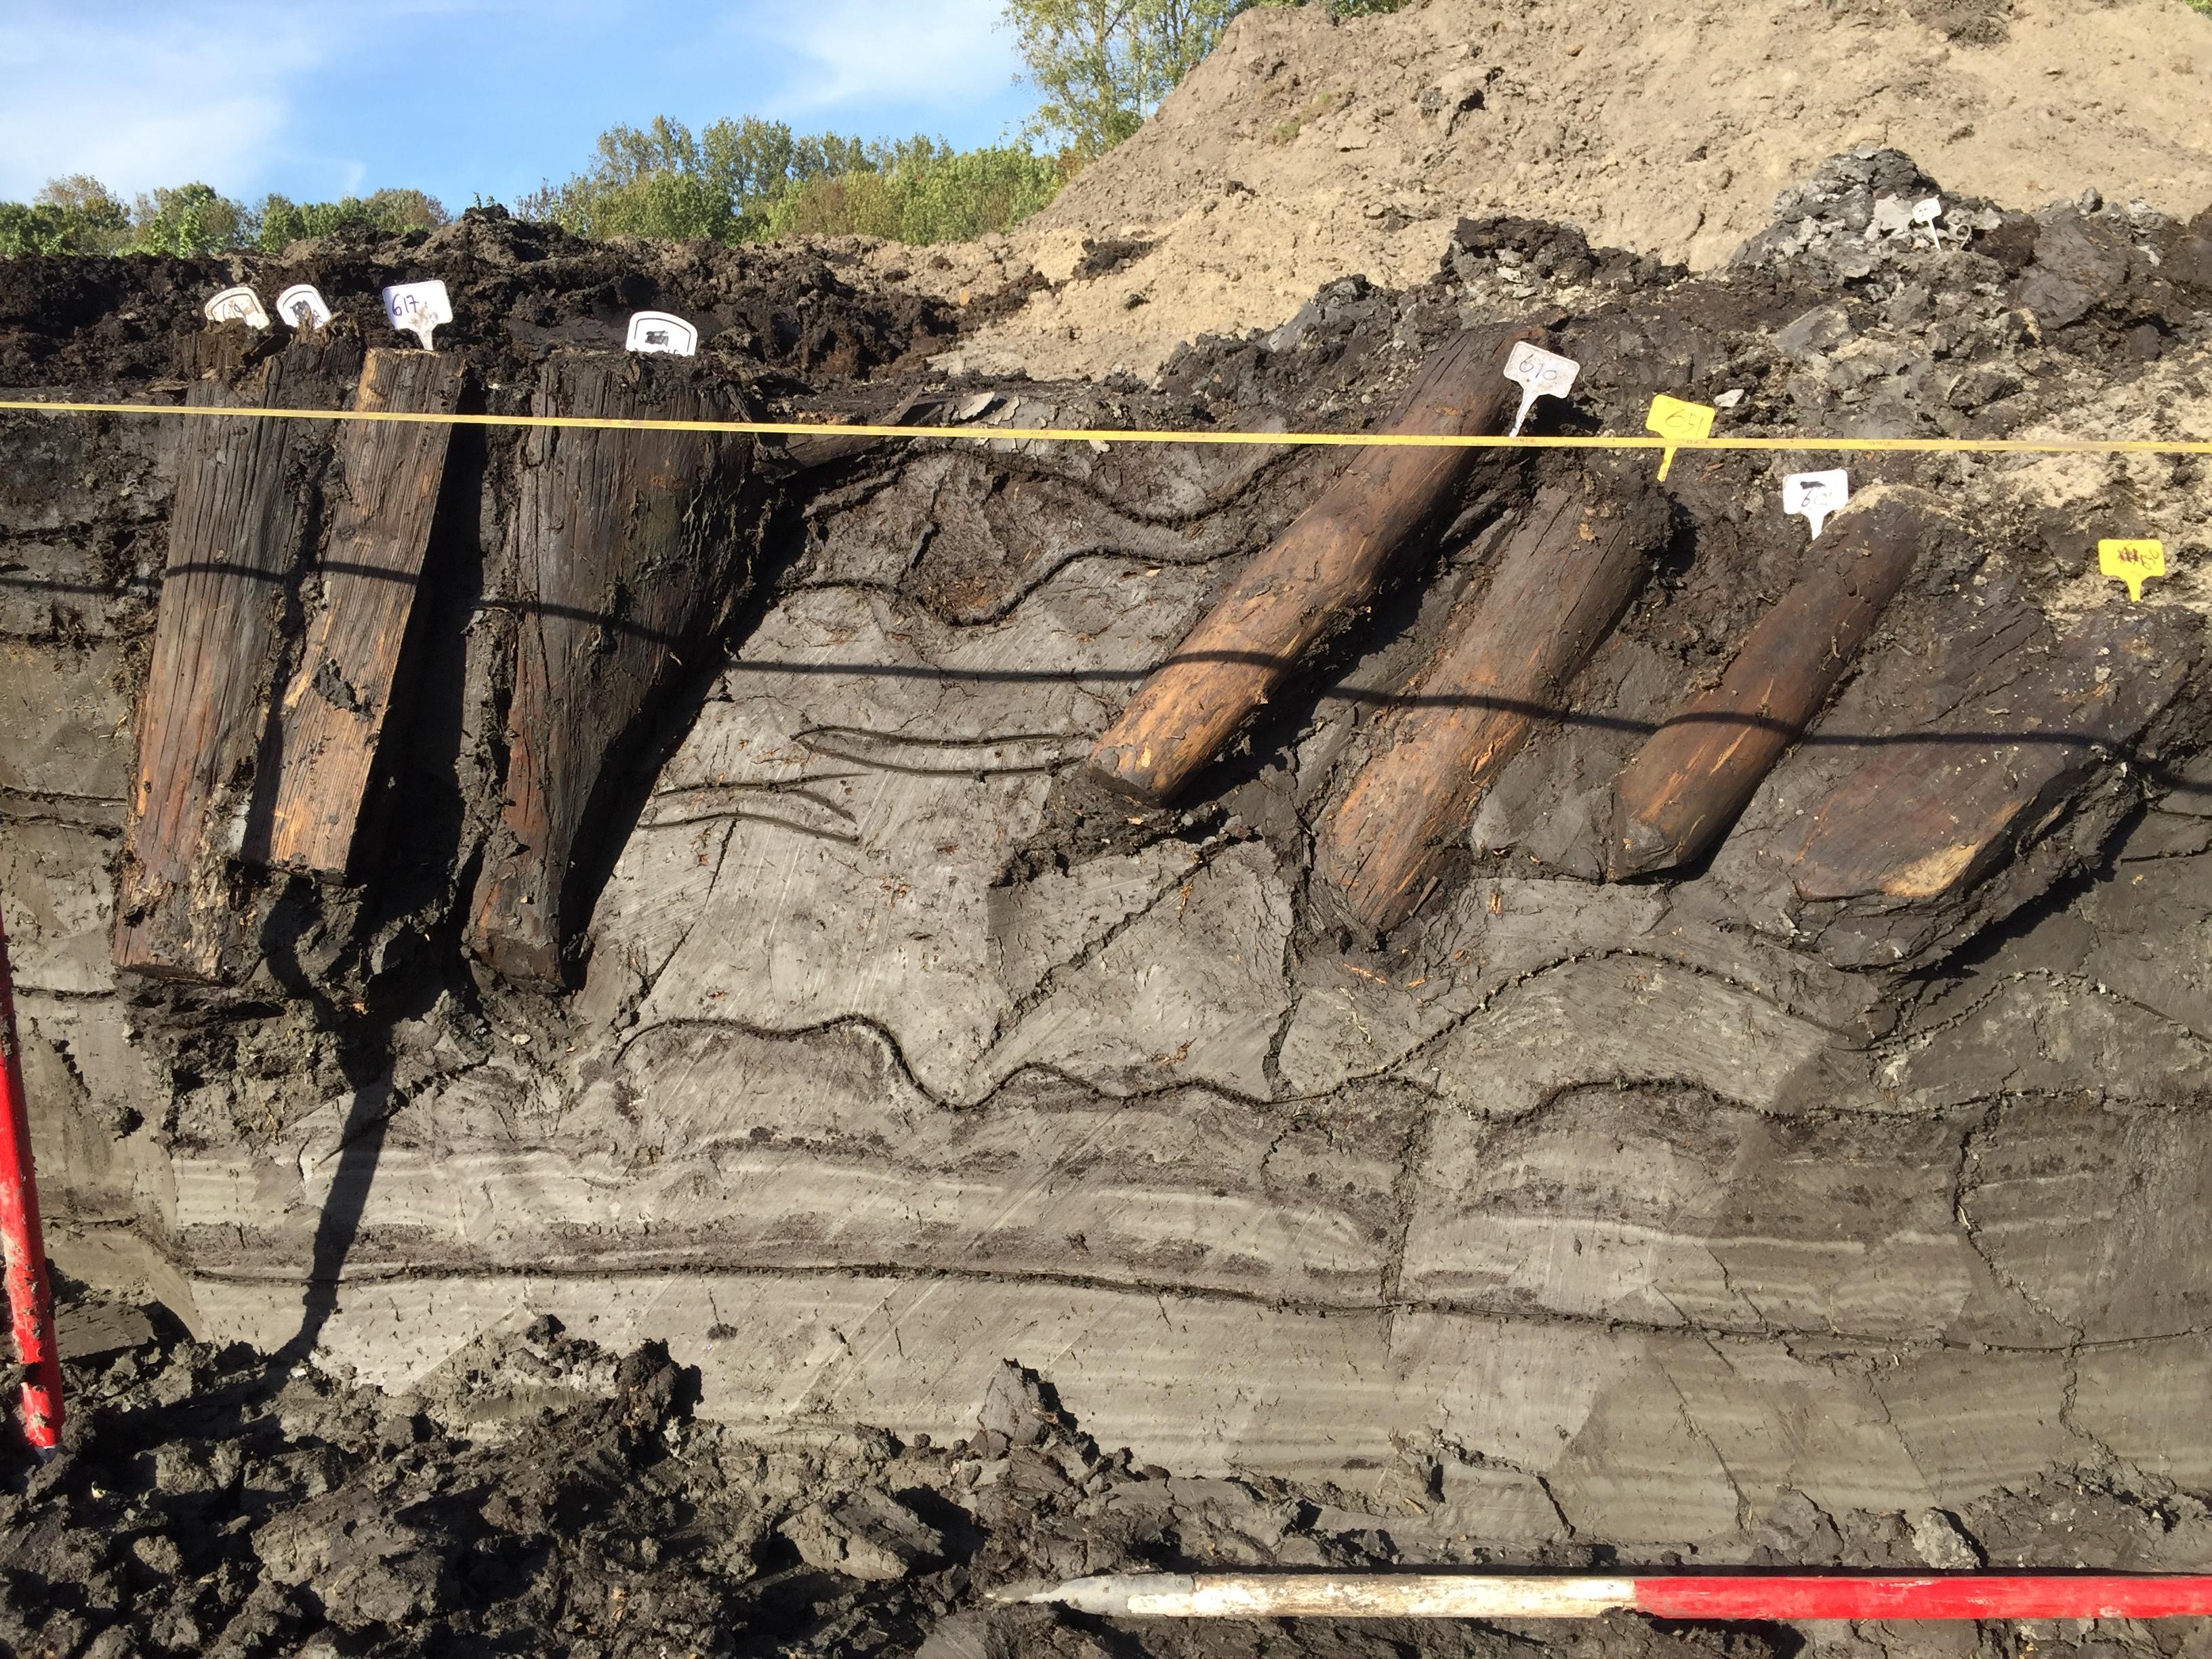 Archeologen leggen de noordhoek van de palissade bloot. Duidelijk zijn de in de grond bewaard gebleven onderkanten van de palen te zien. (Foto: gemeente Zaanstad) rodi.nl © rodi